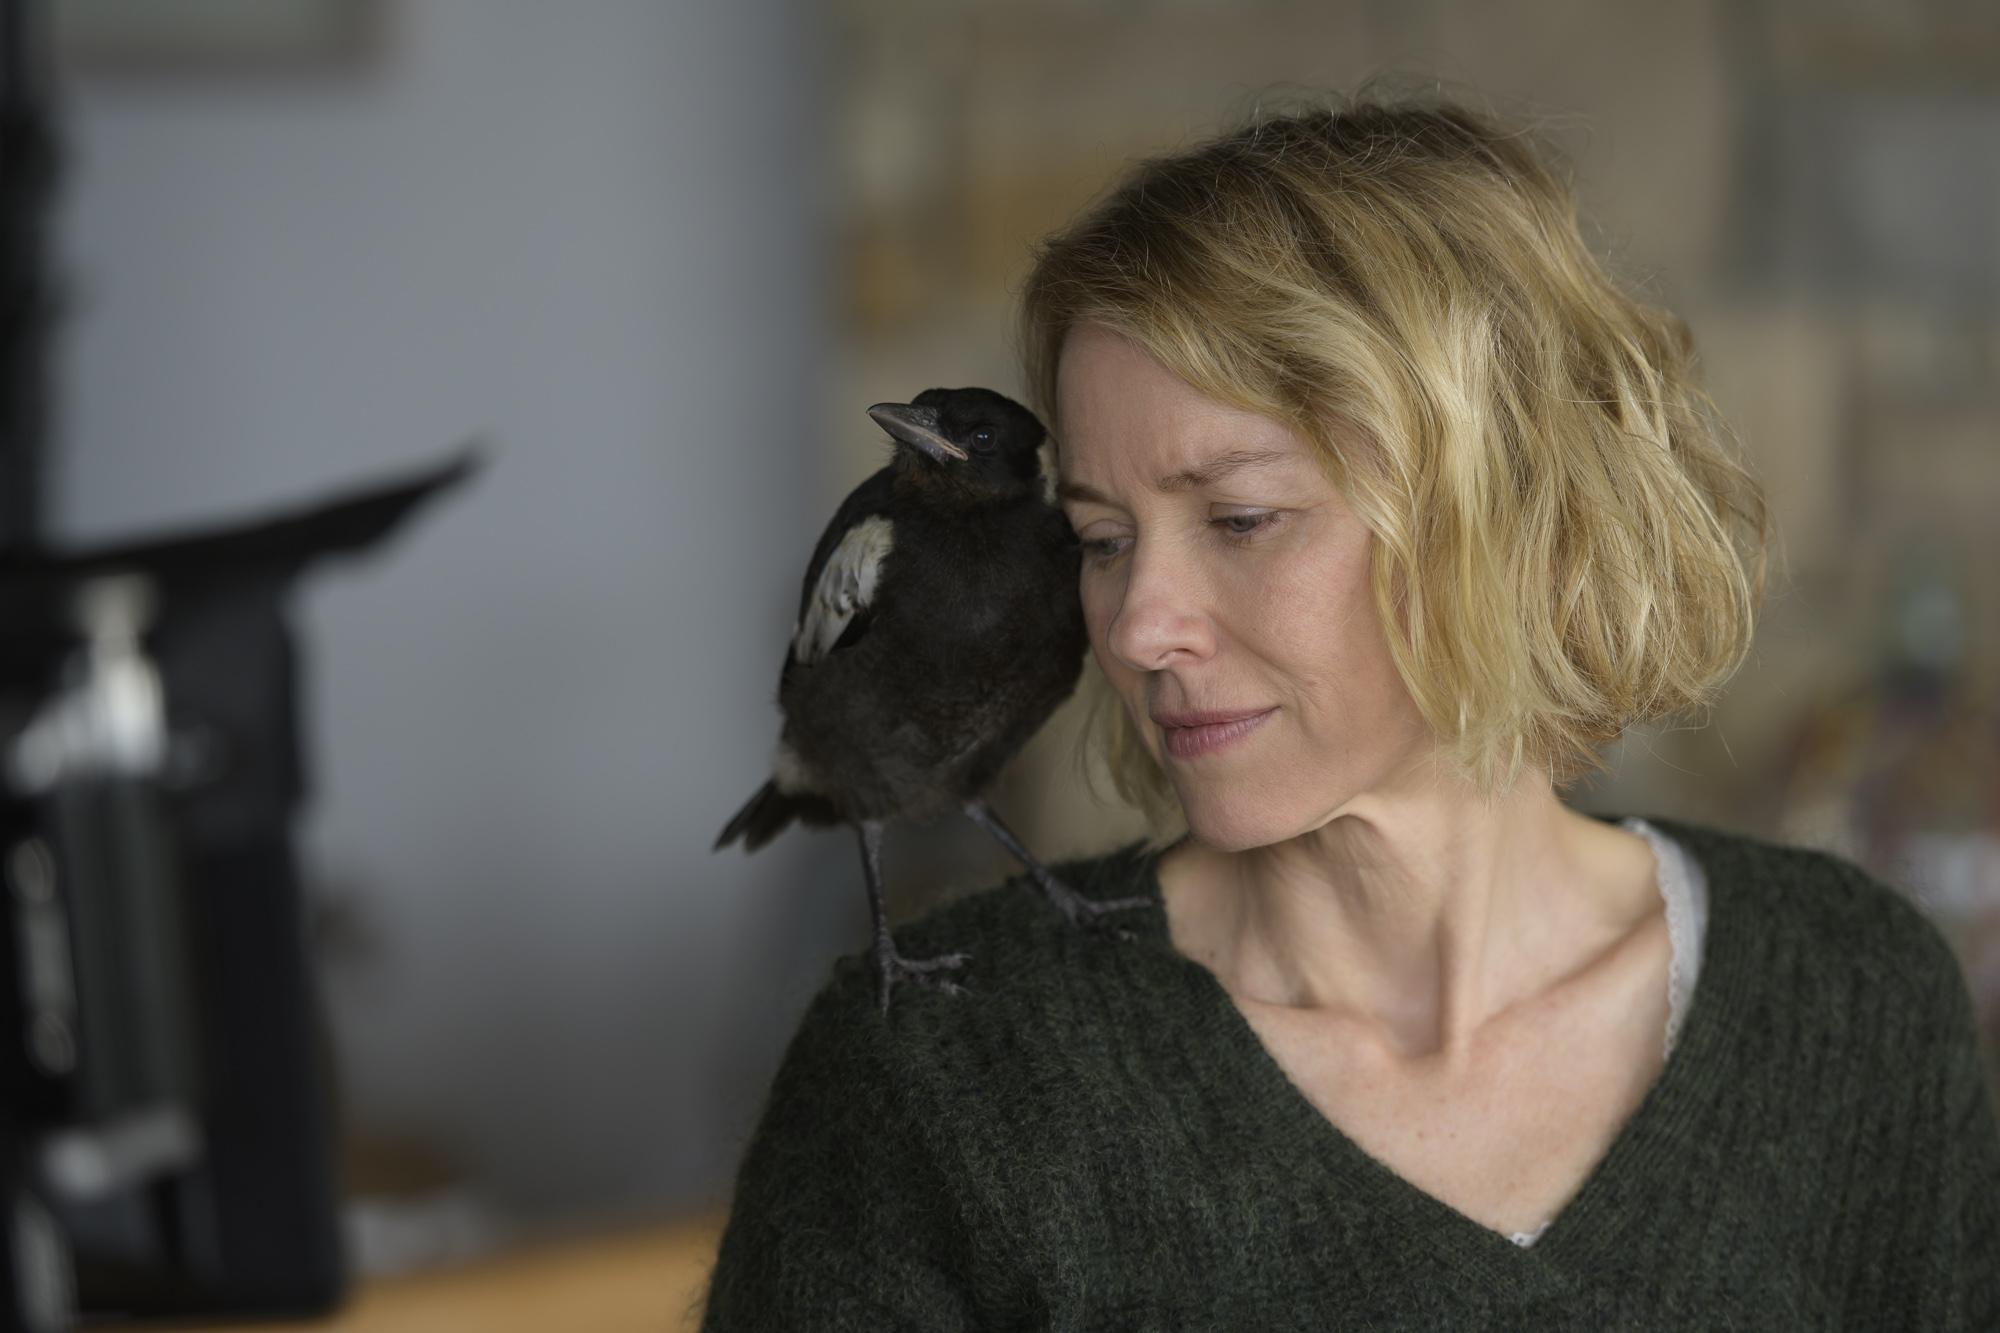 [Official Trailer] Penguin Bloom Lands in Australian Cinemas January 21